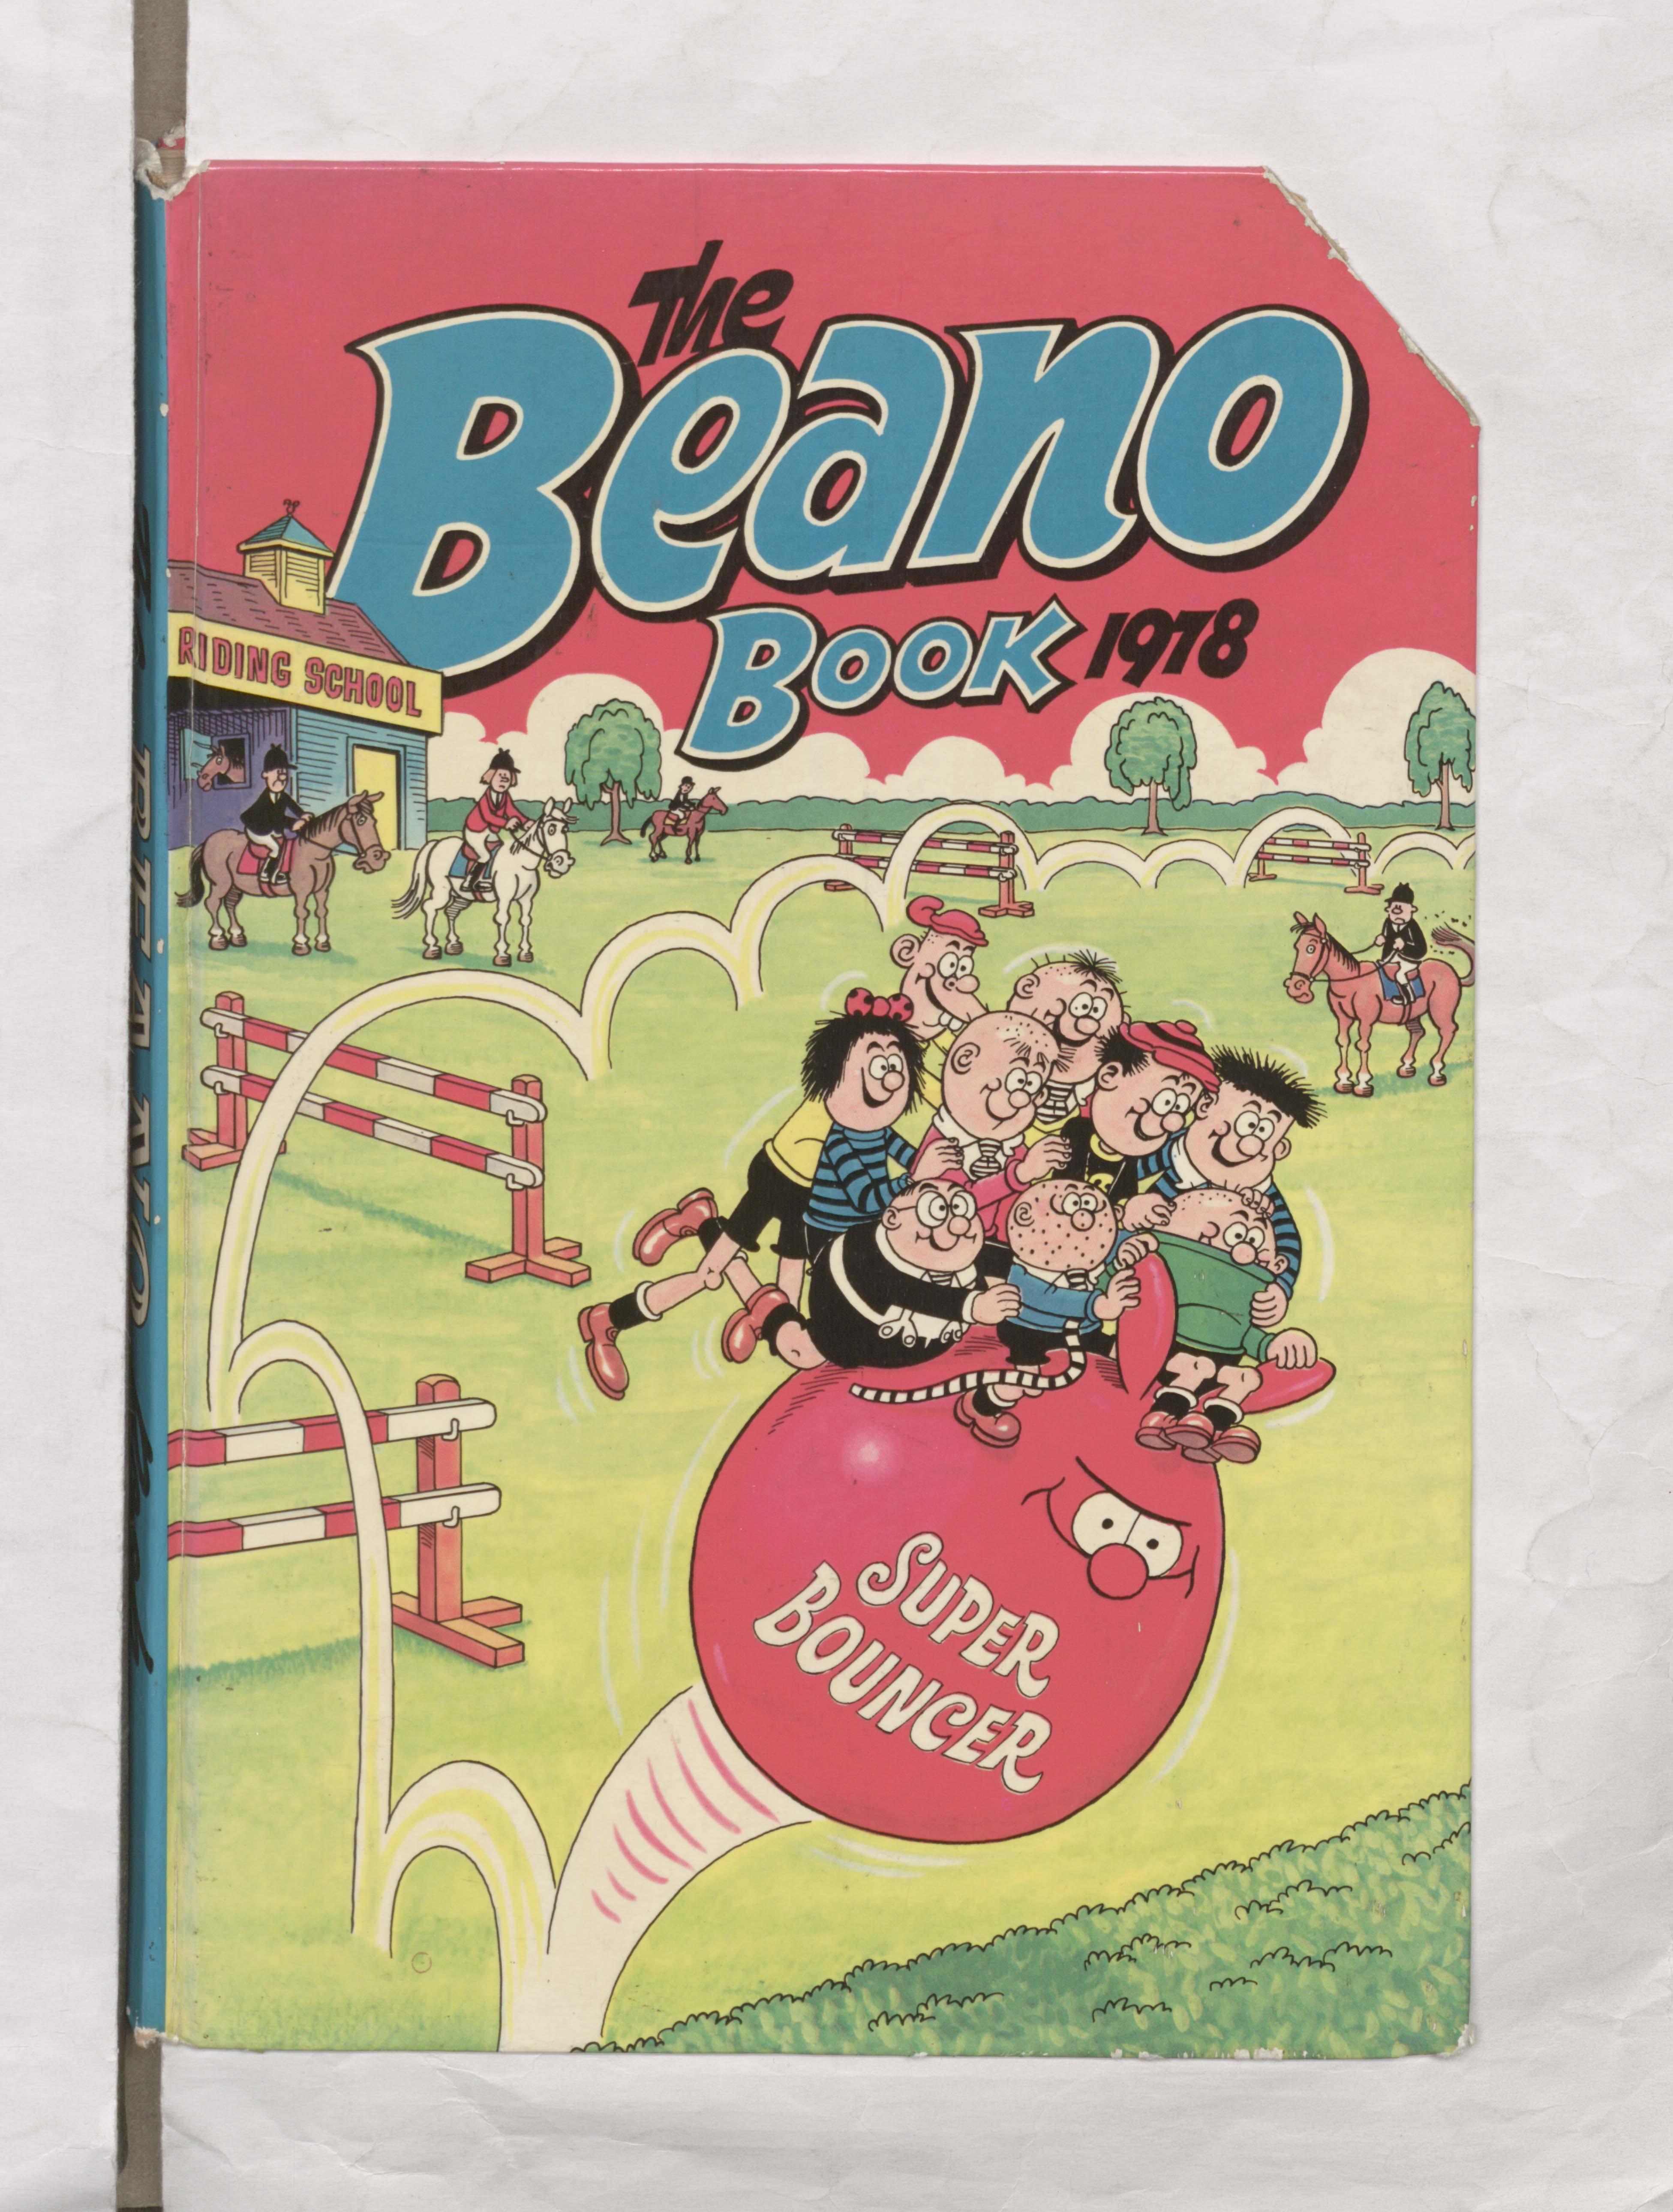 Beano Book 1978 Annual